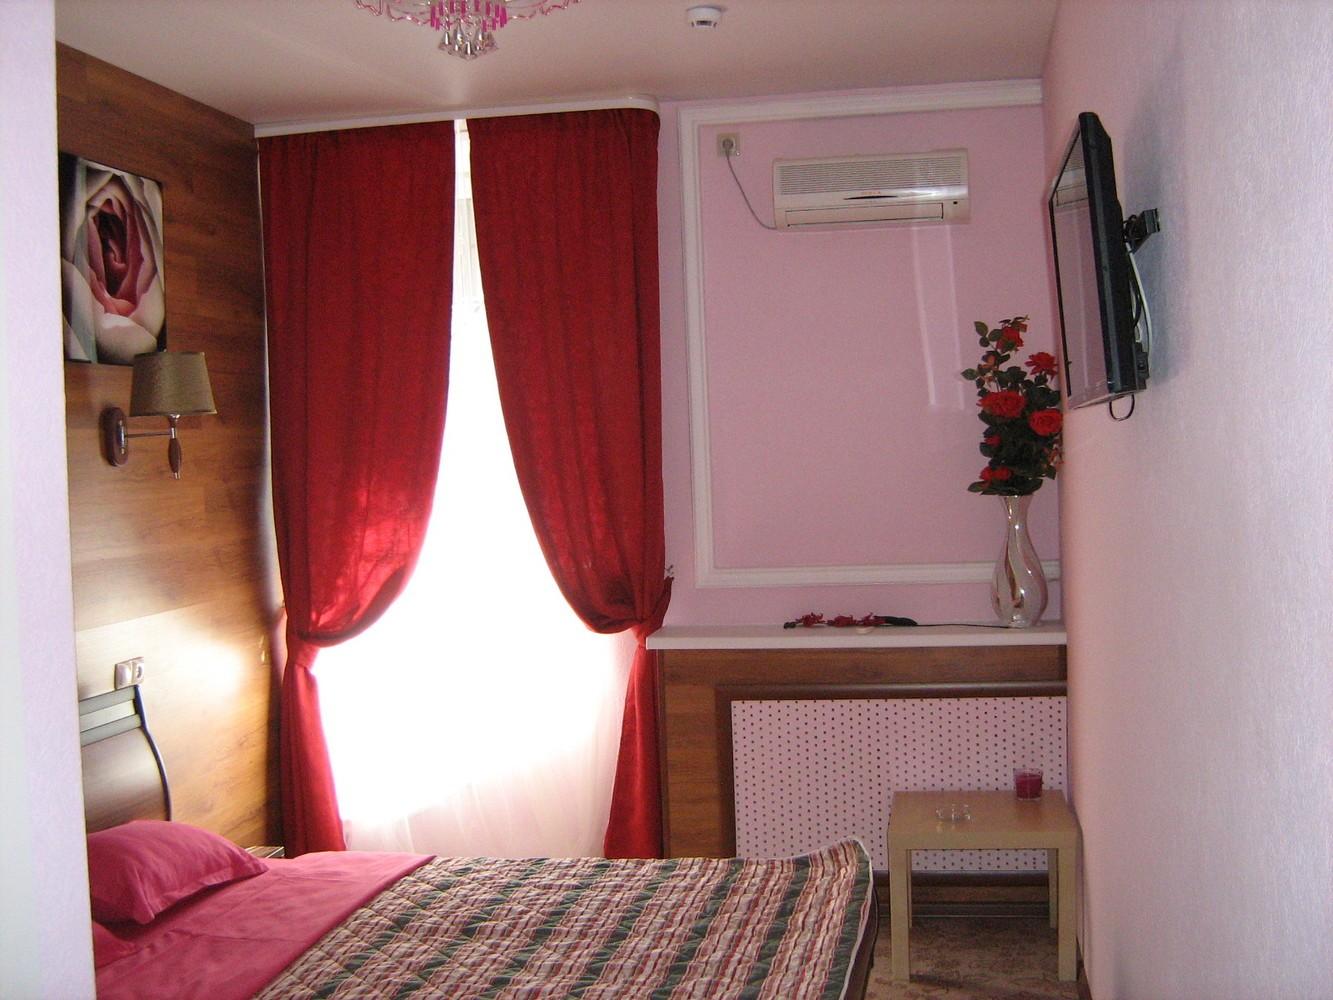 Сфера, гостиничный комплекс - №12